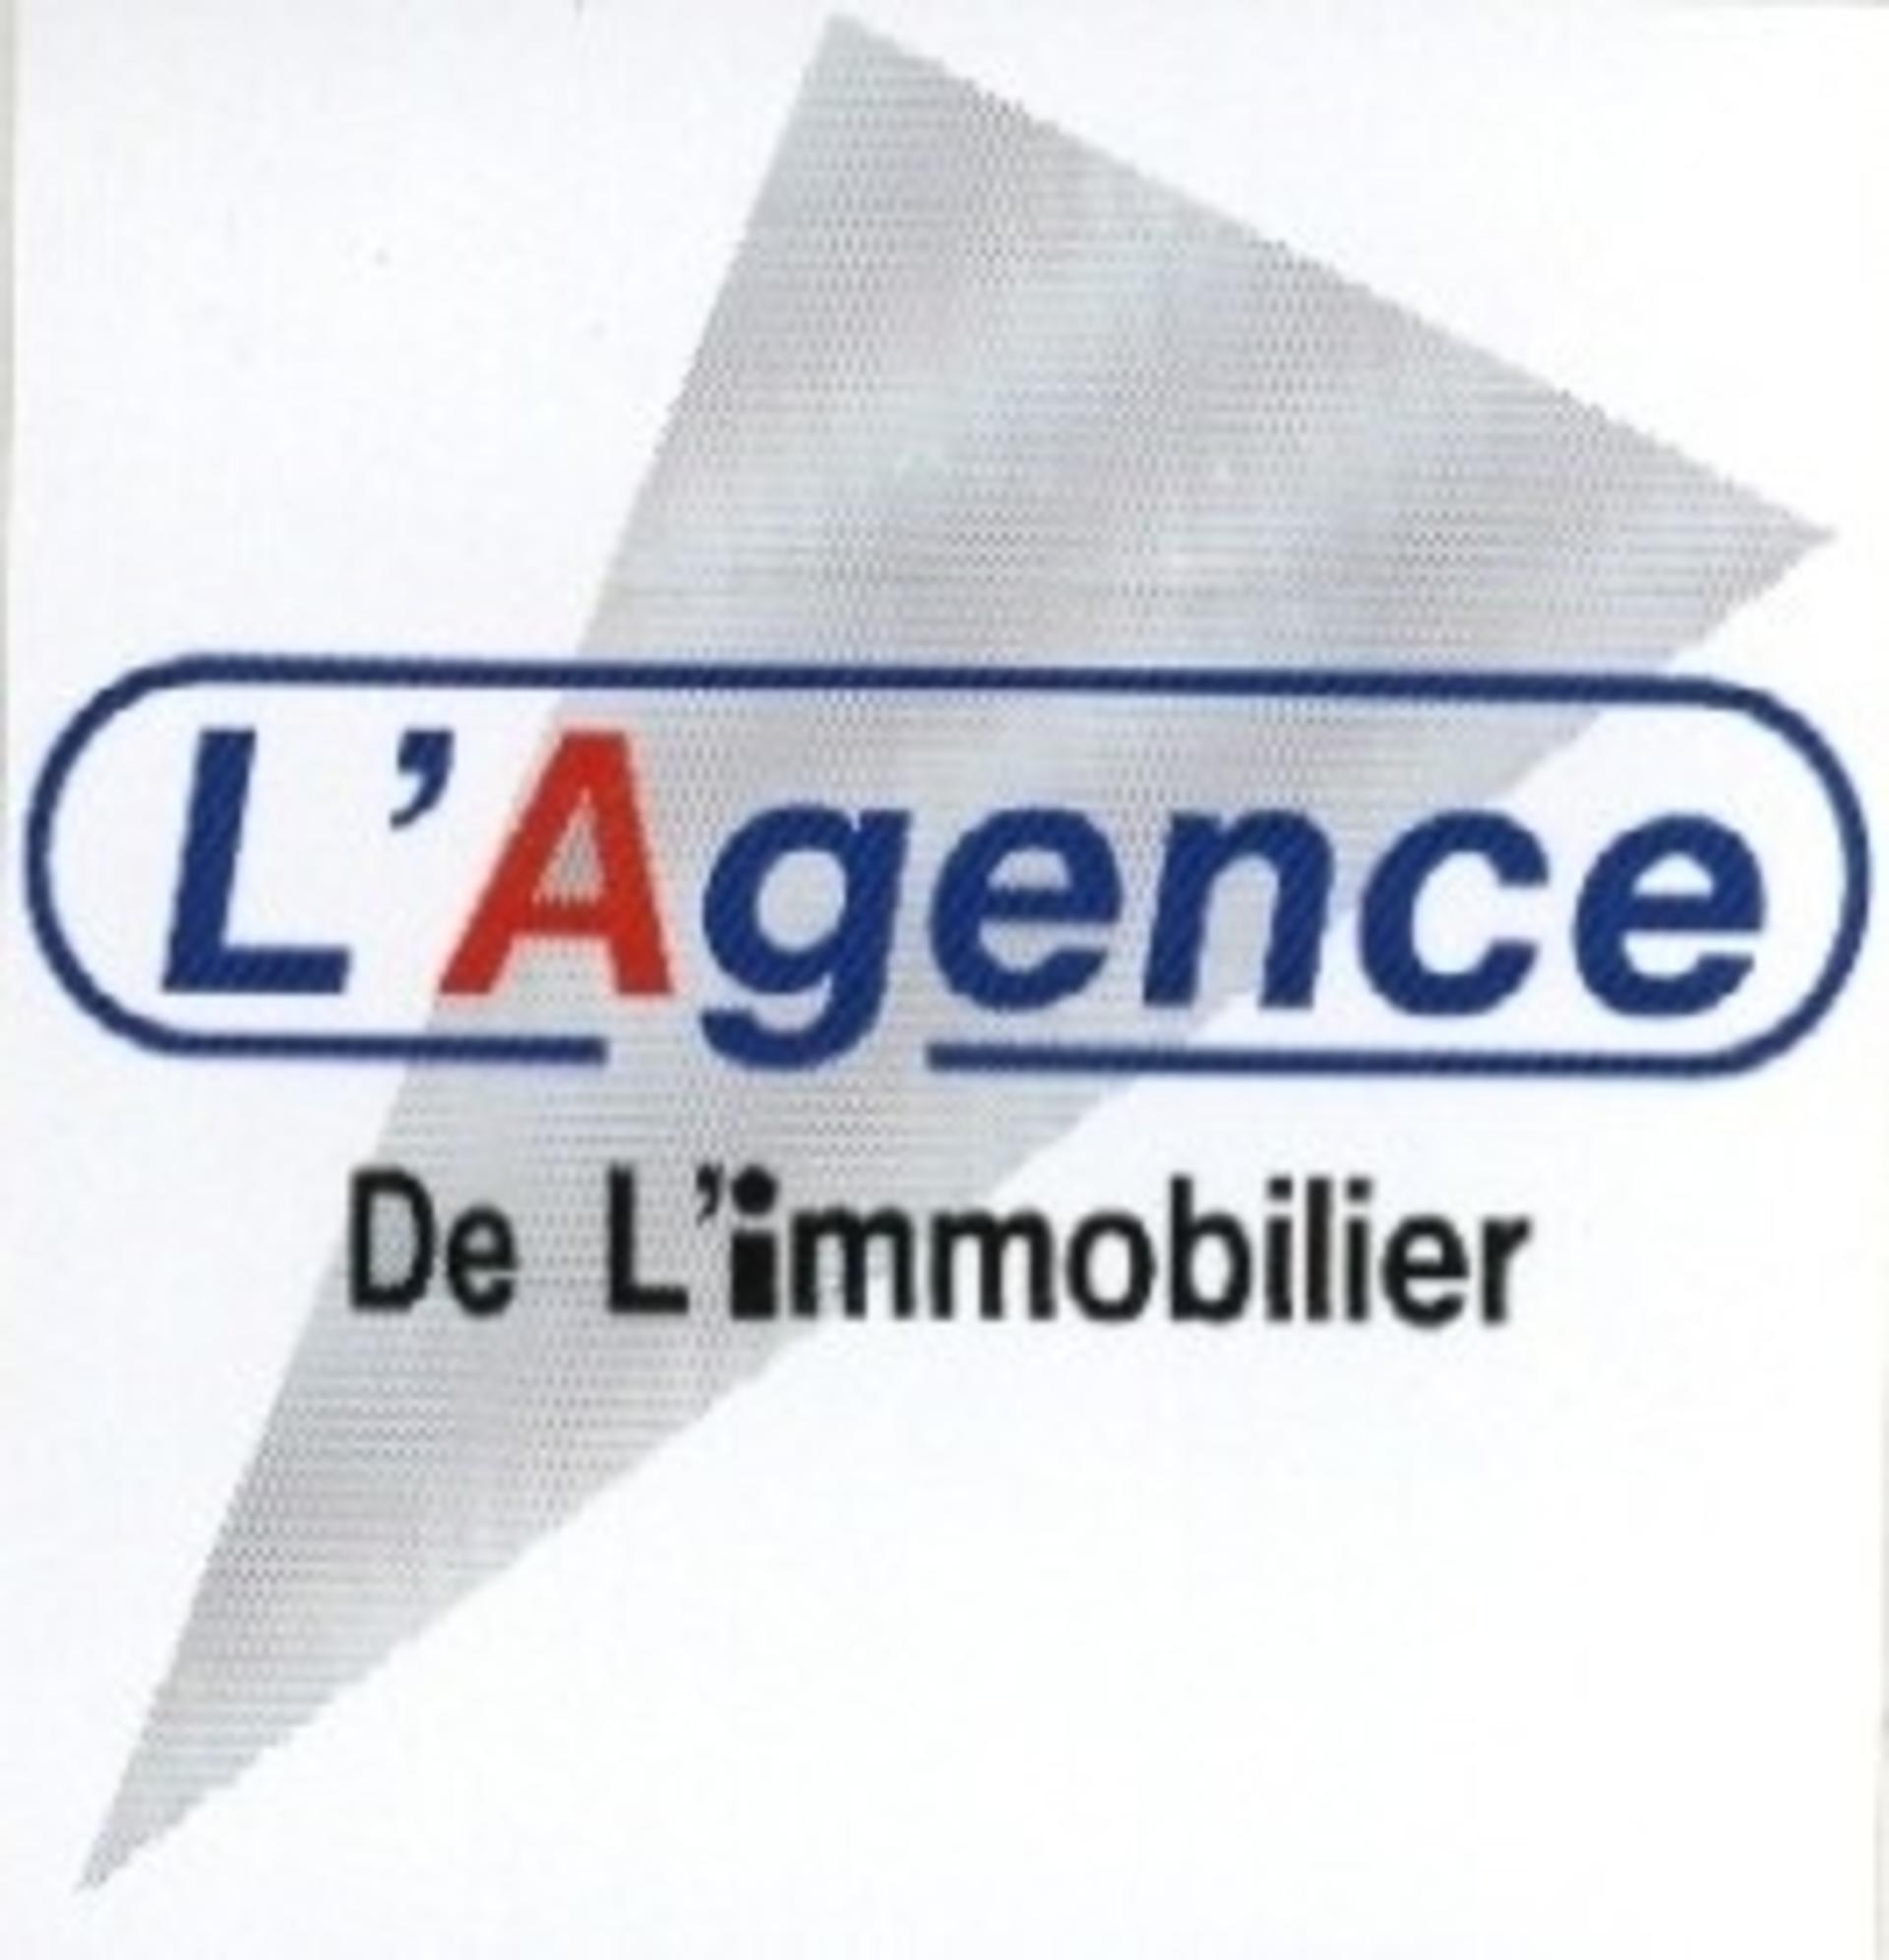 L'AGENCE DE L'IMMOBILIER